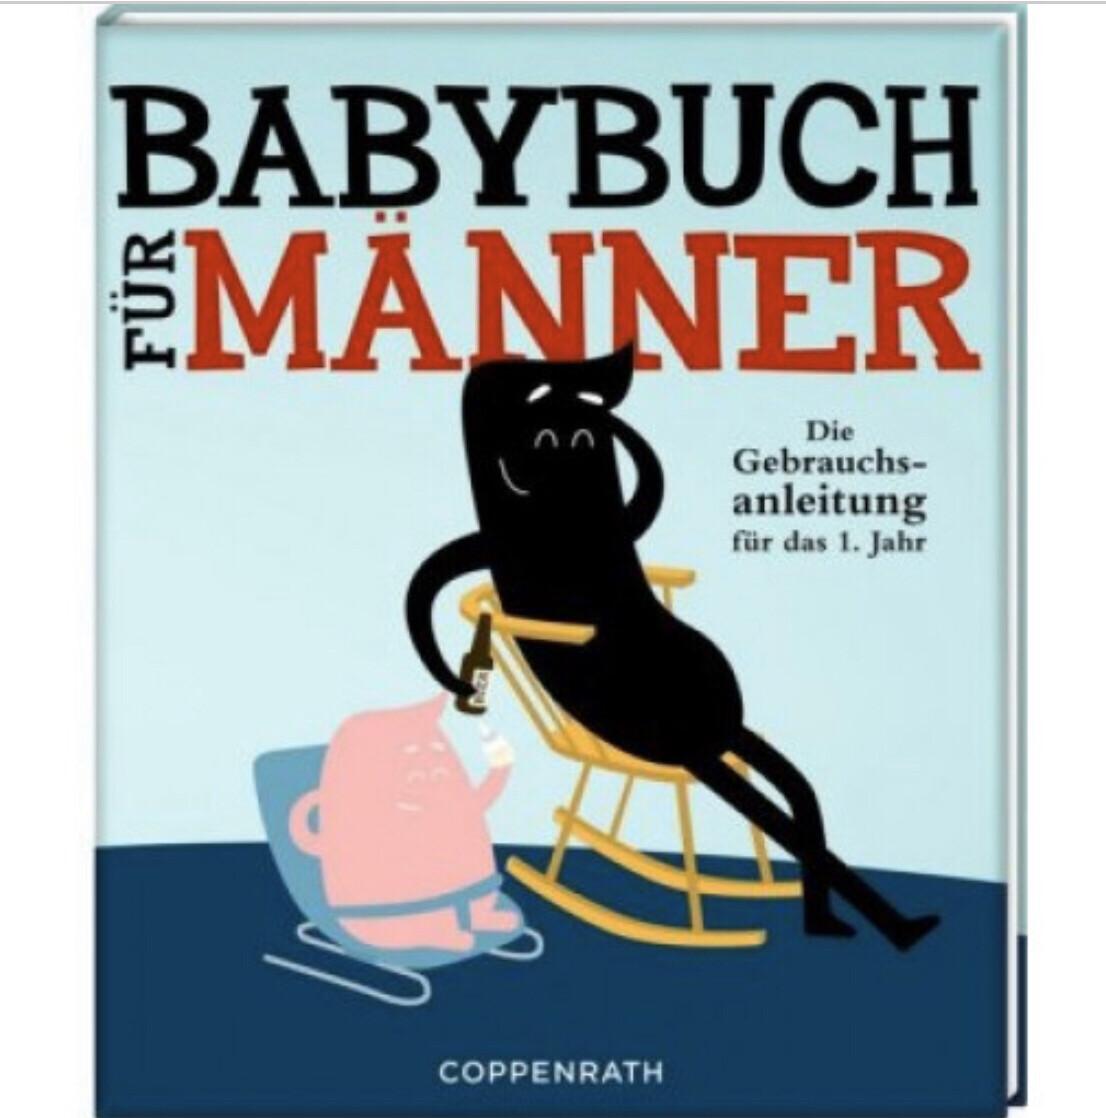 Babybuch für Männer